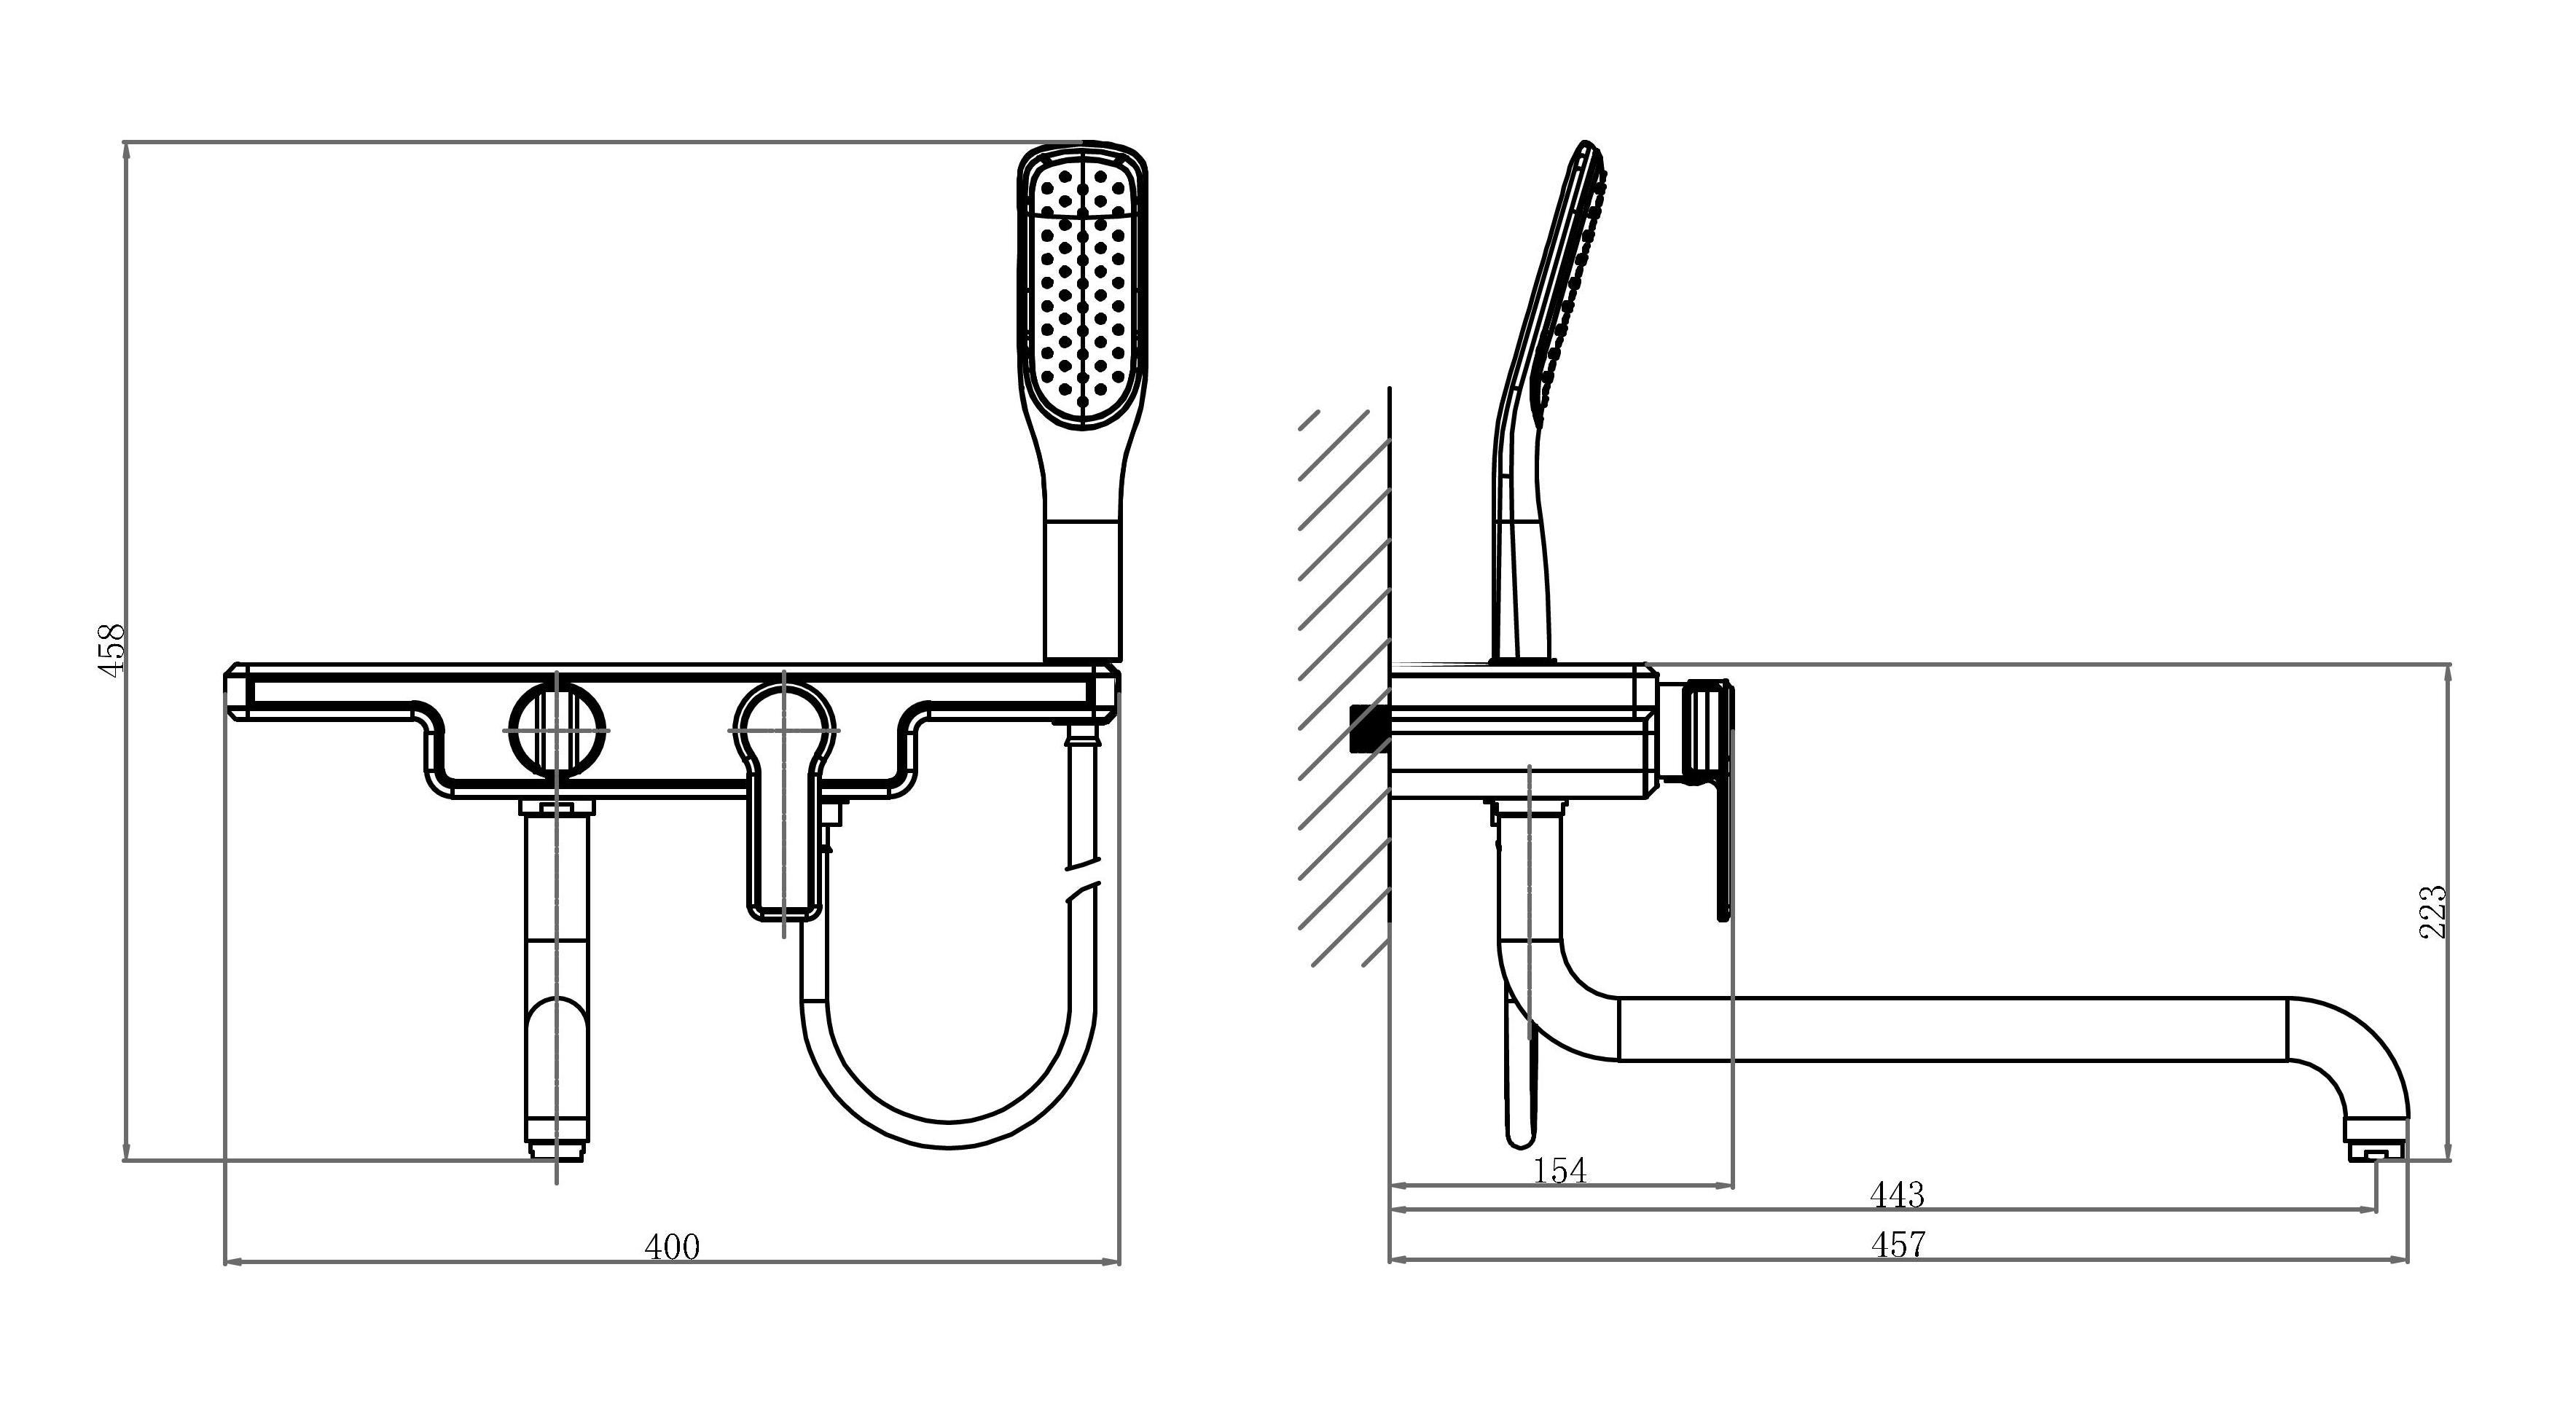 Смеситель для ванны с душем D&K Berlin.Humboldt DA1453312 длинный излив зеленый-хром